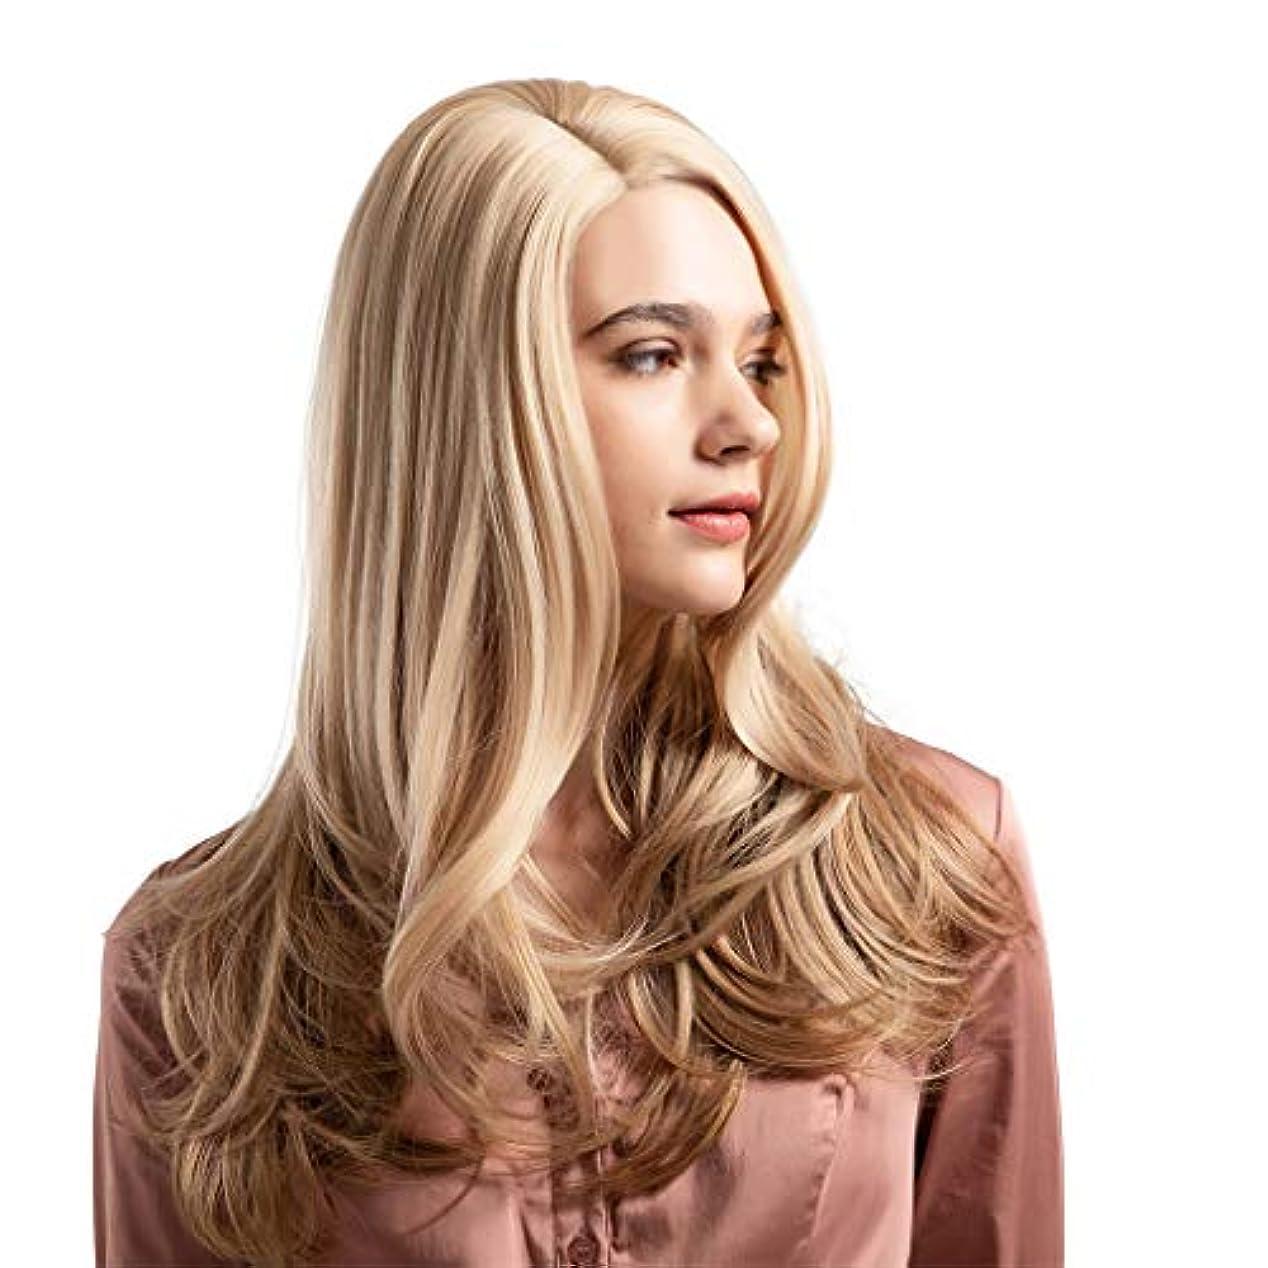 ブランチ徹底的にスキャンダラスウィッグ女性黄金の大きな波状の巻き毛の高温シルクウィッグ22インチ